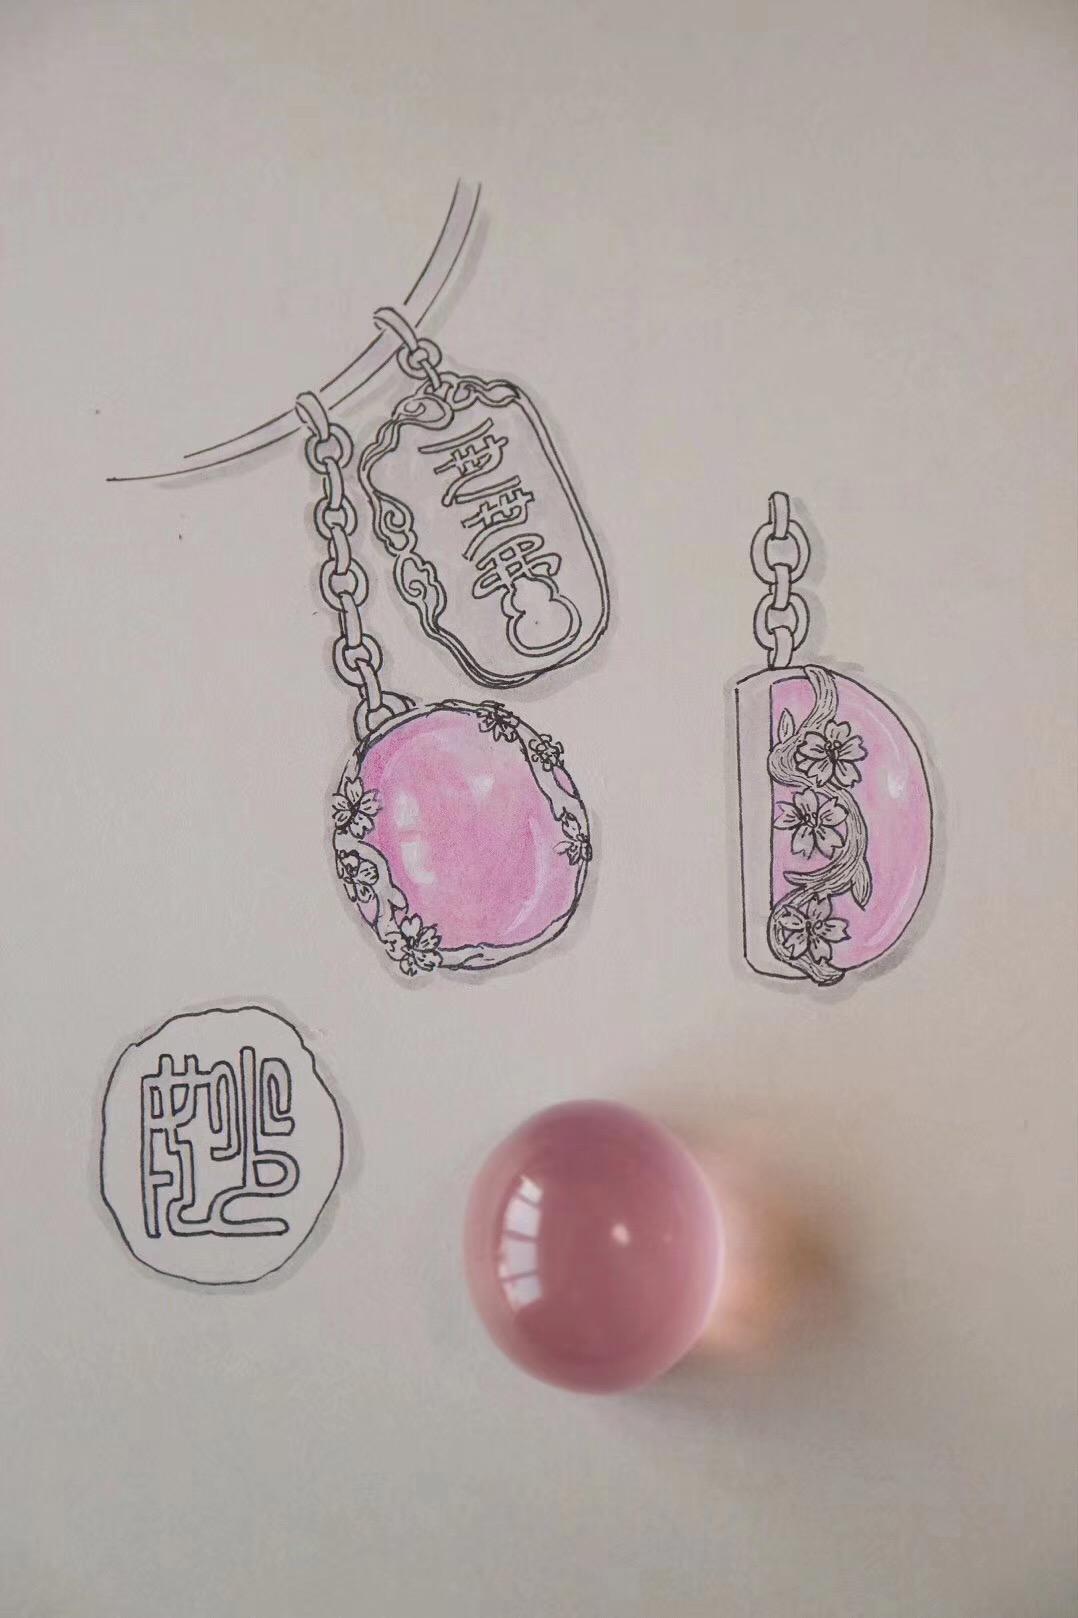 【菩心-粉晶】樱花粉晶坠,真真是个妙物,妙人可收-菩心晶舍